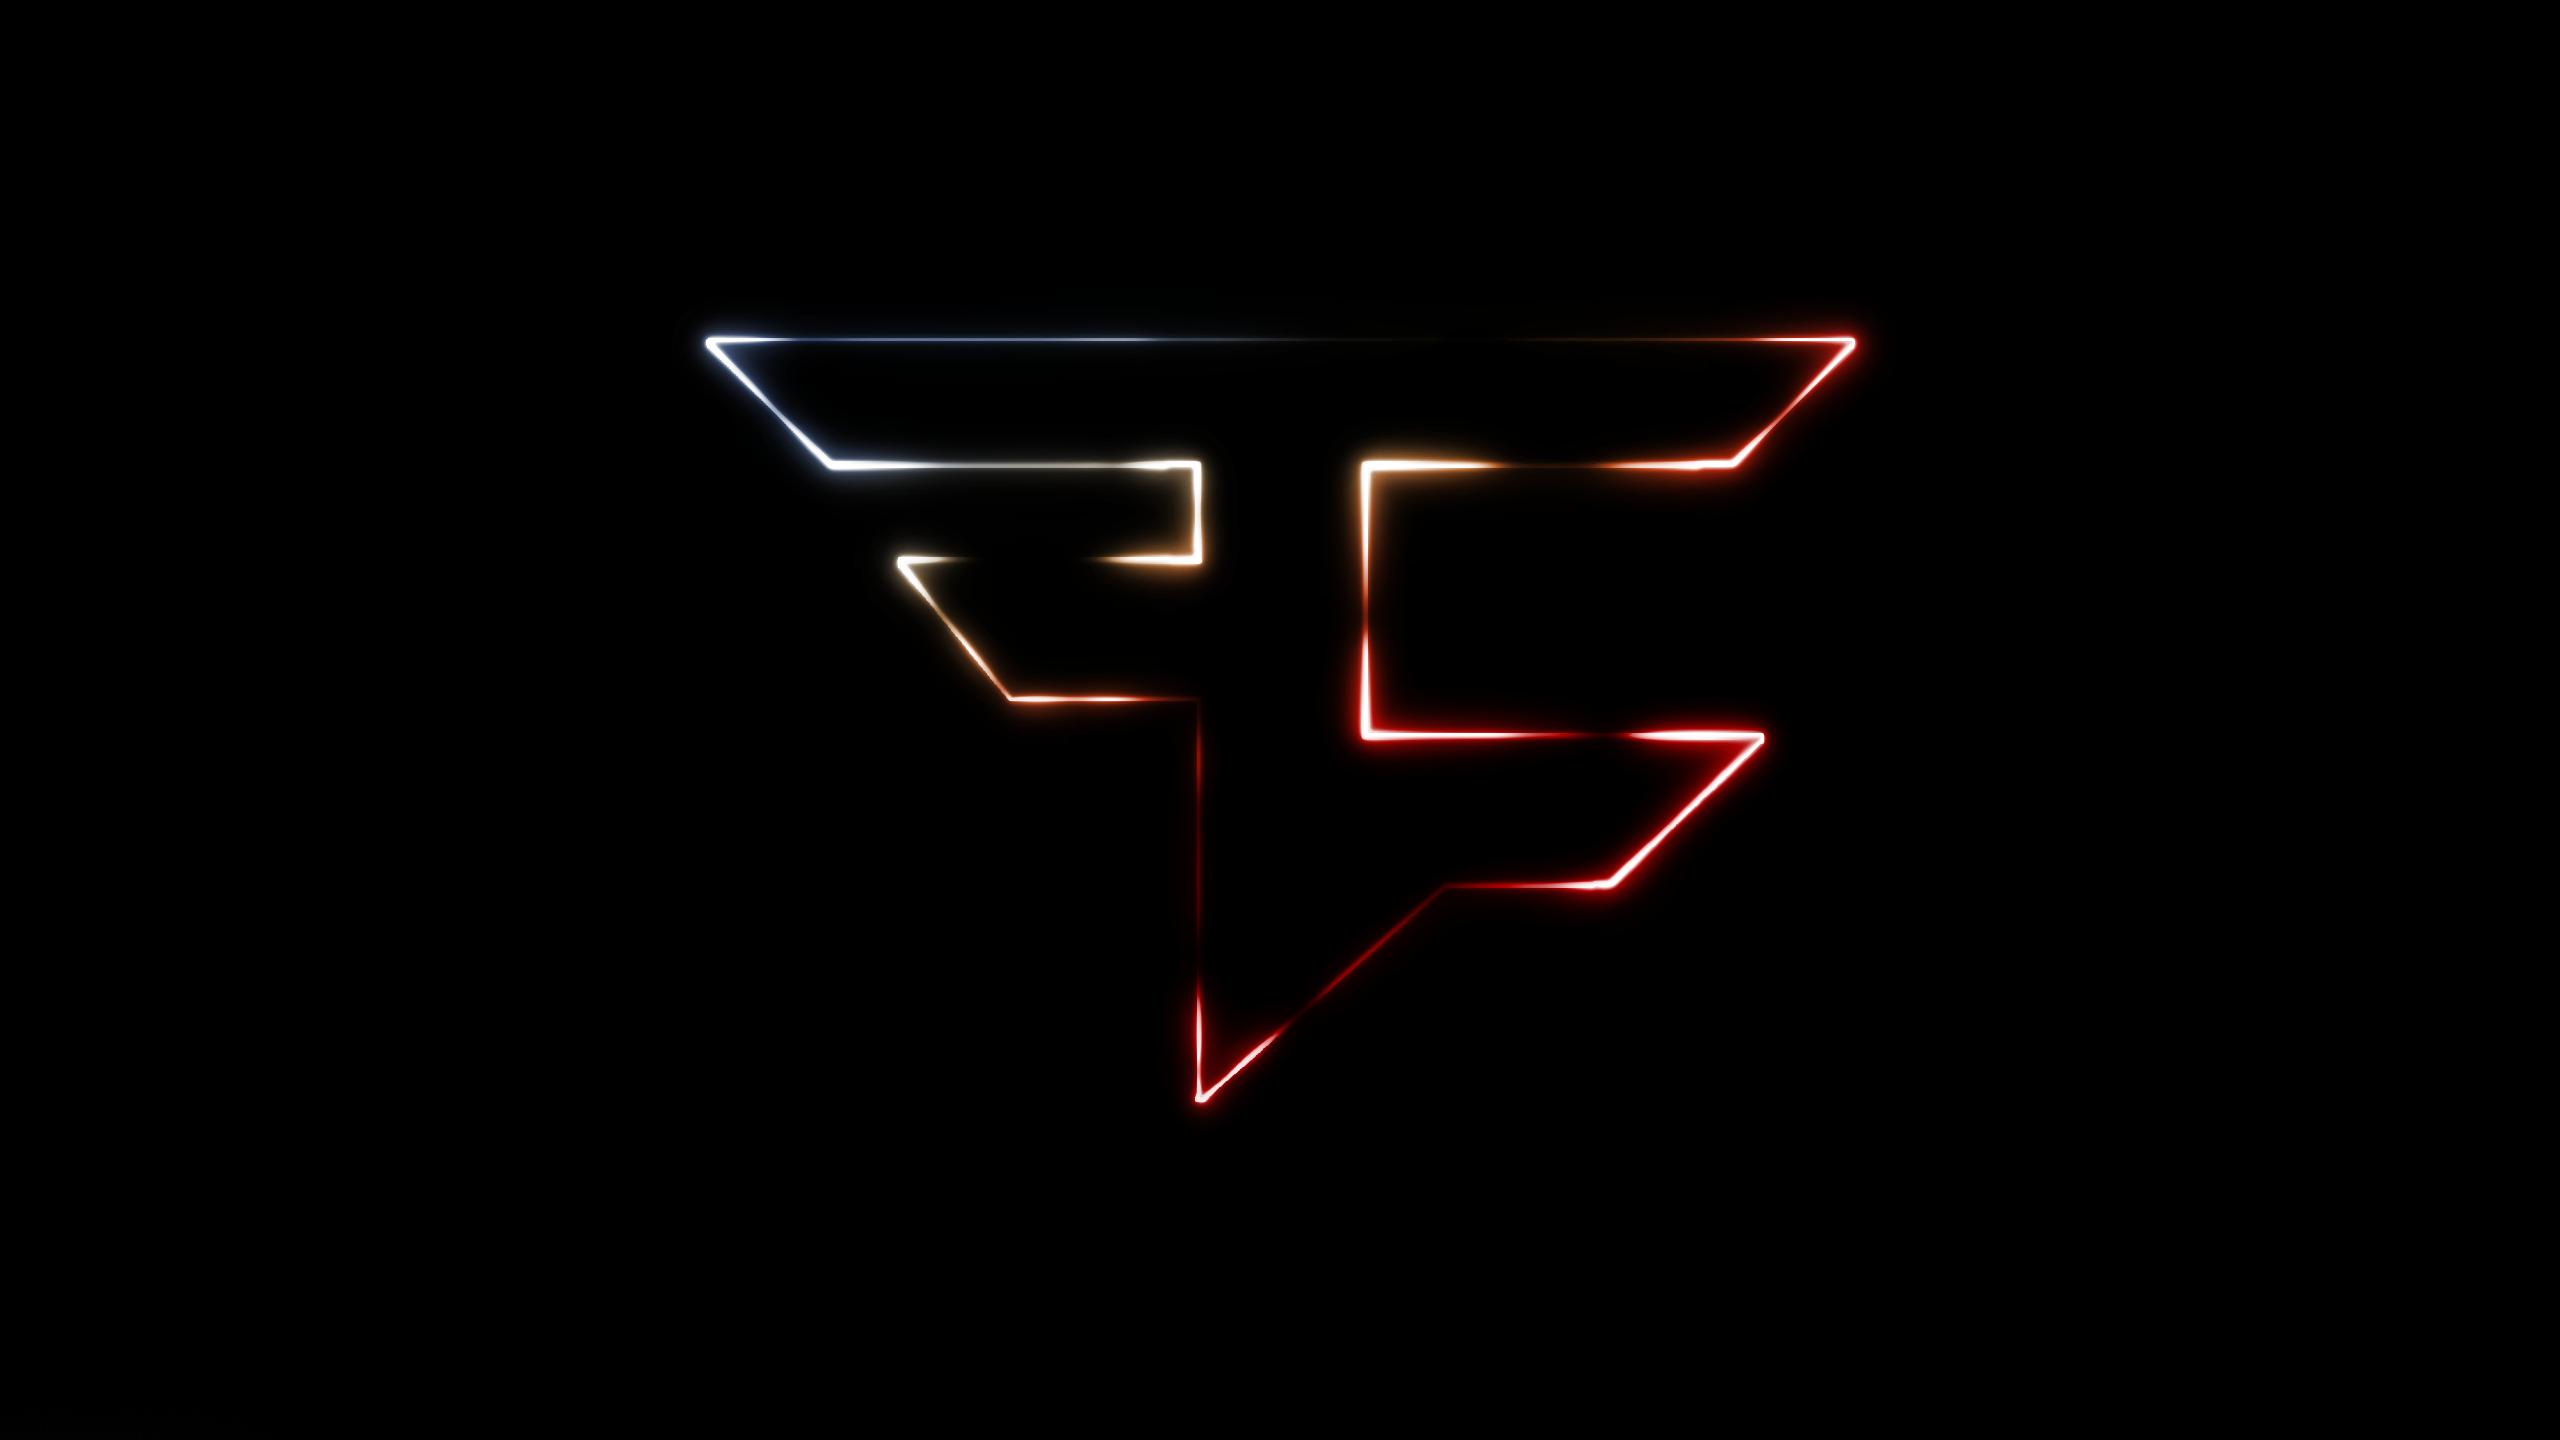 Neon Glowing Faze Clan Logo Made By Me Faze Clan Logo Faze Logo Logos